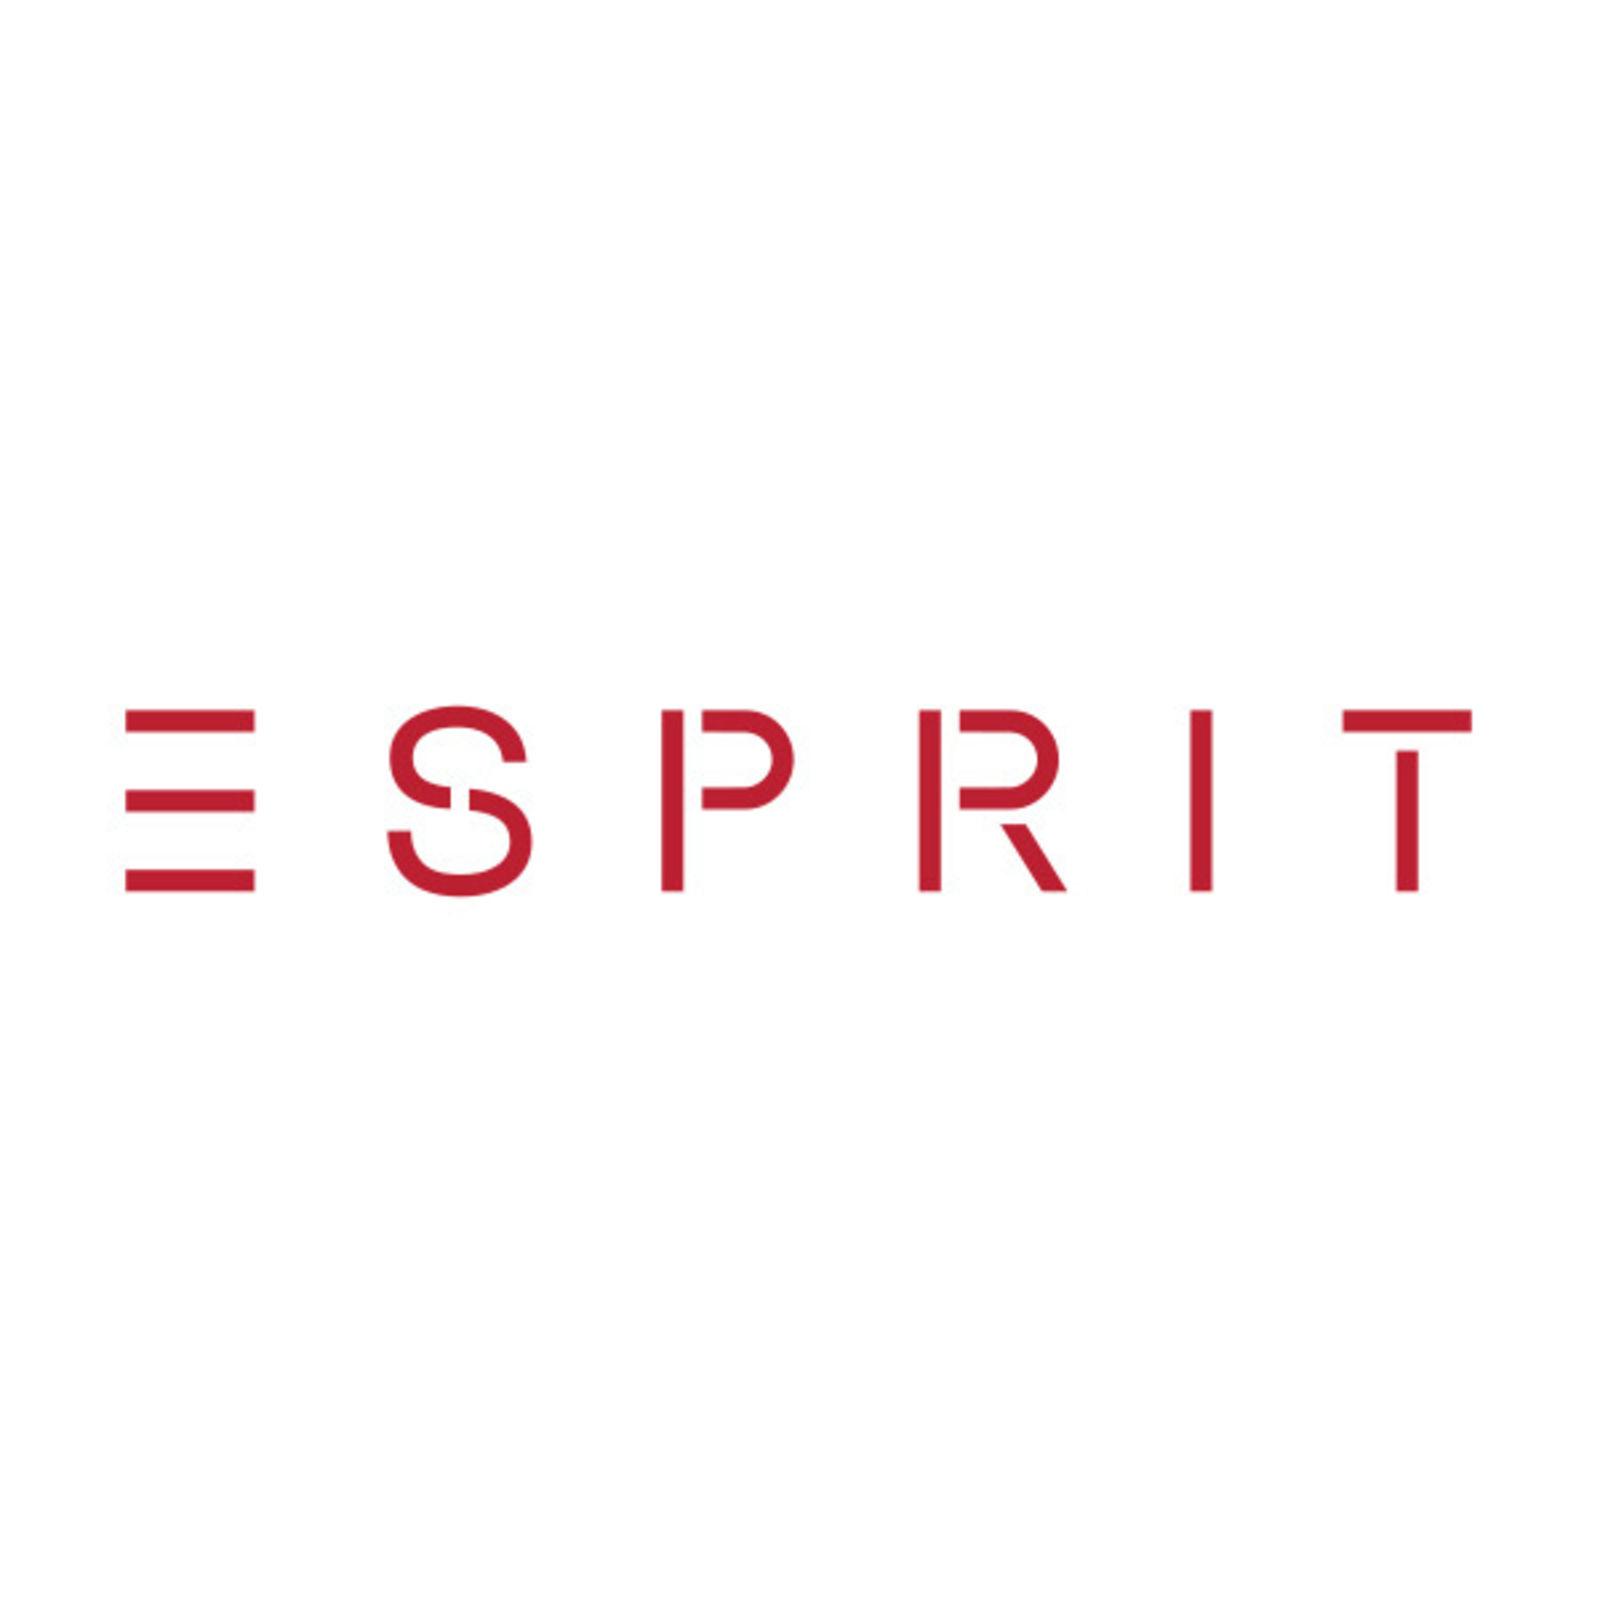 ESPRIT (Bild 1)